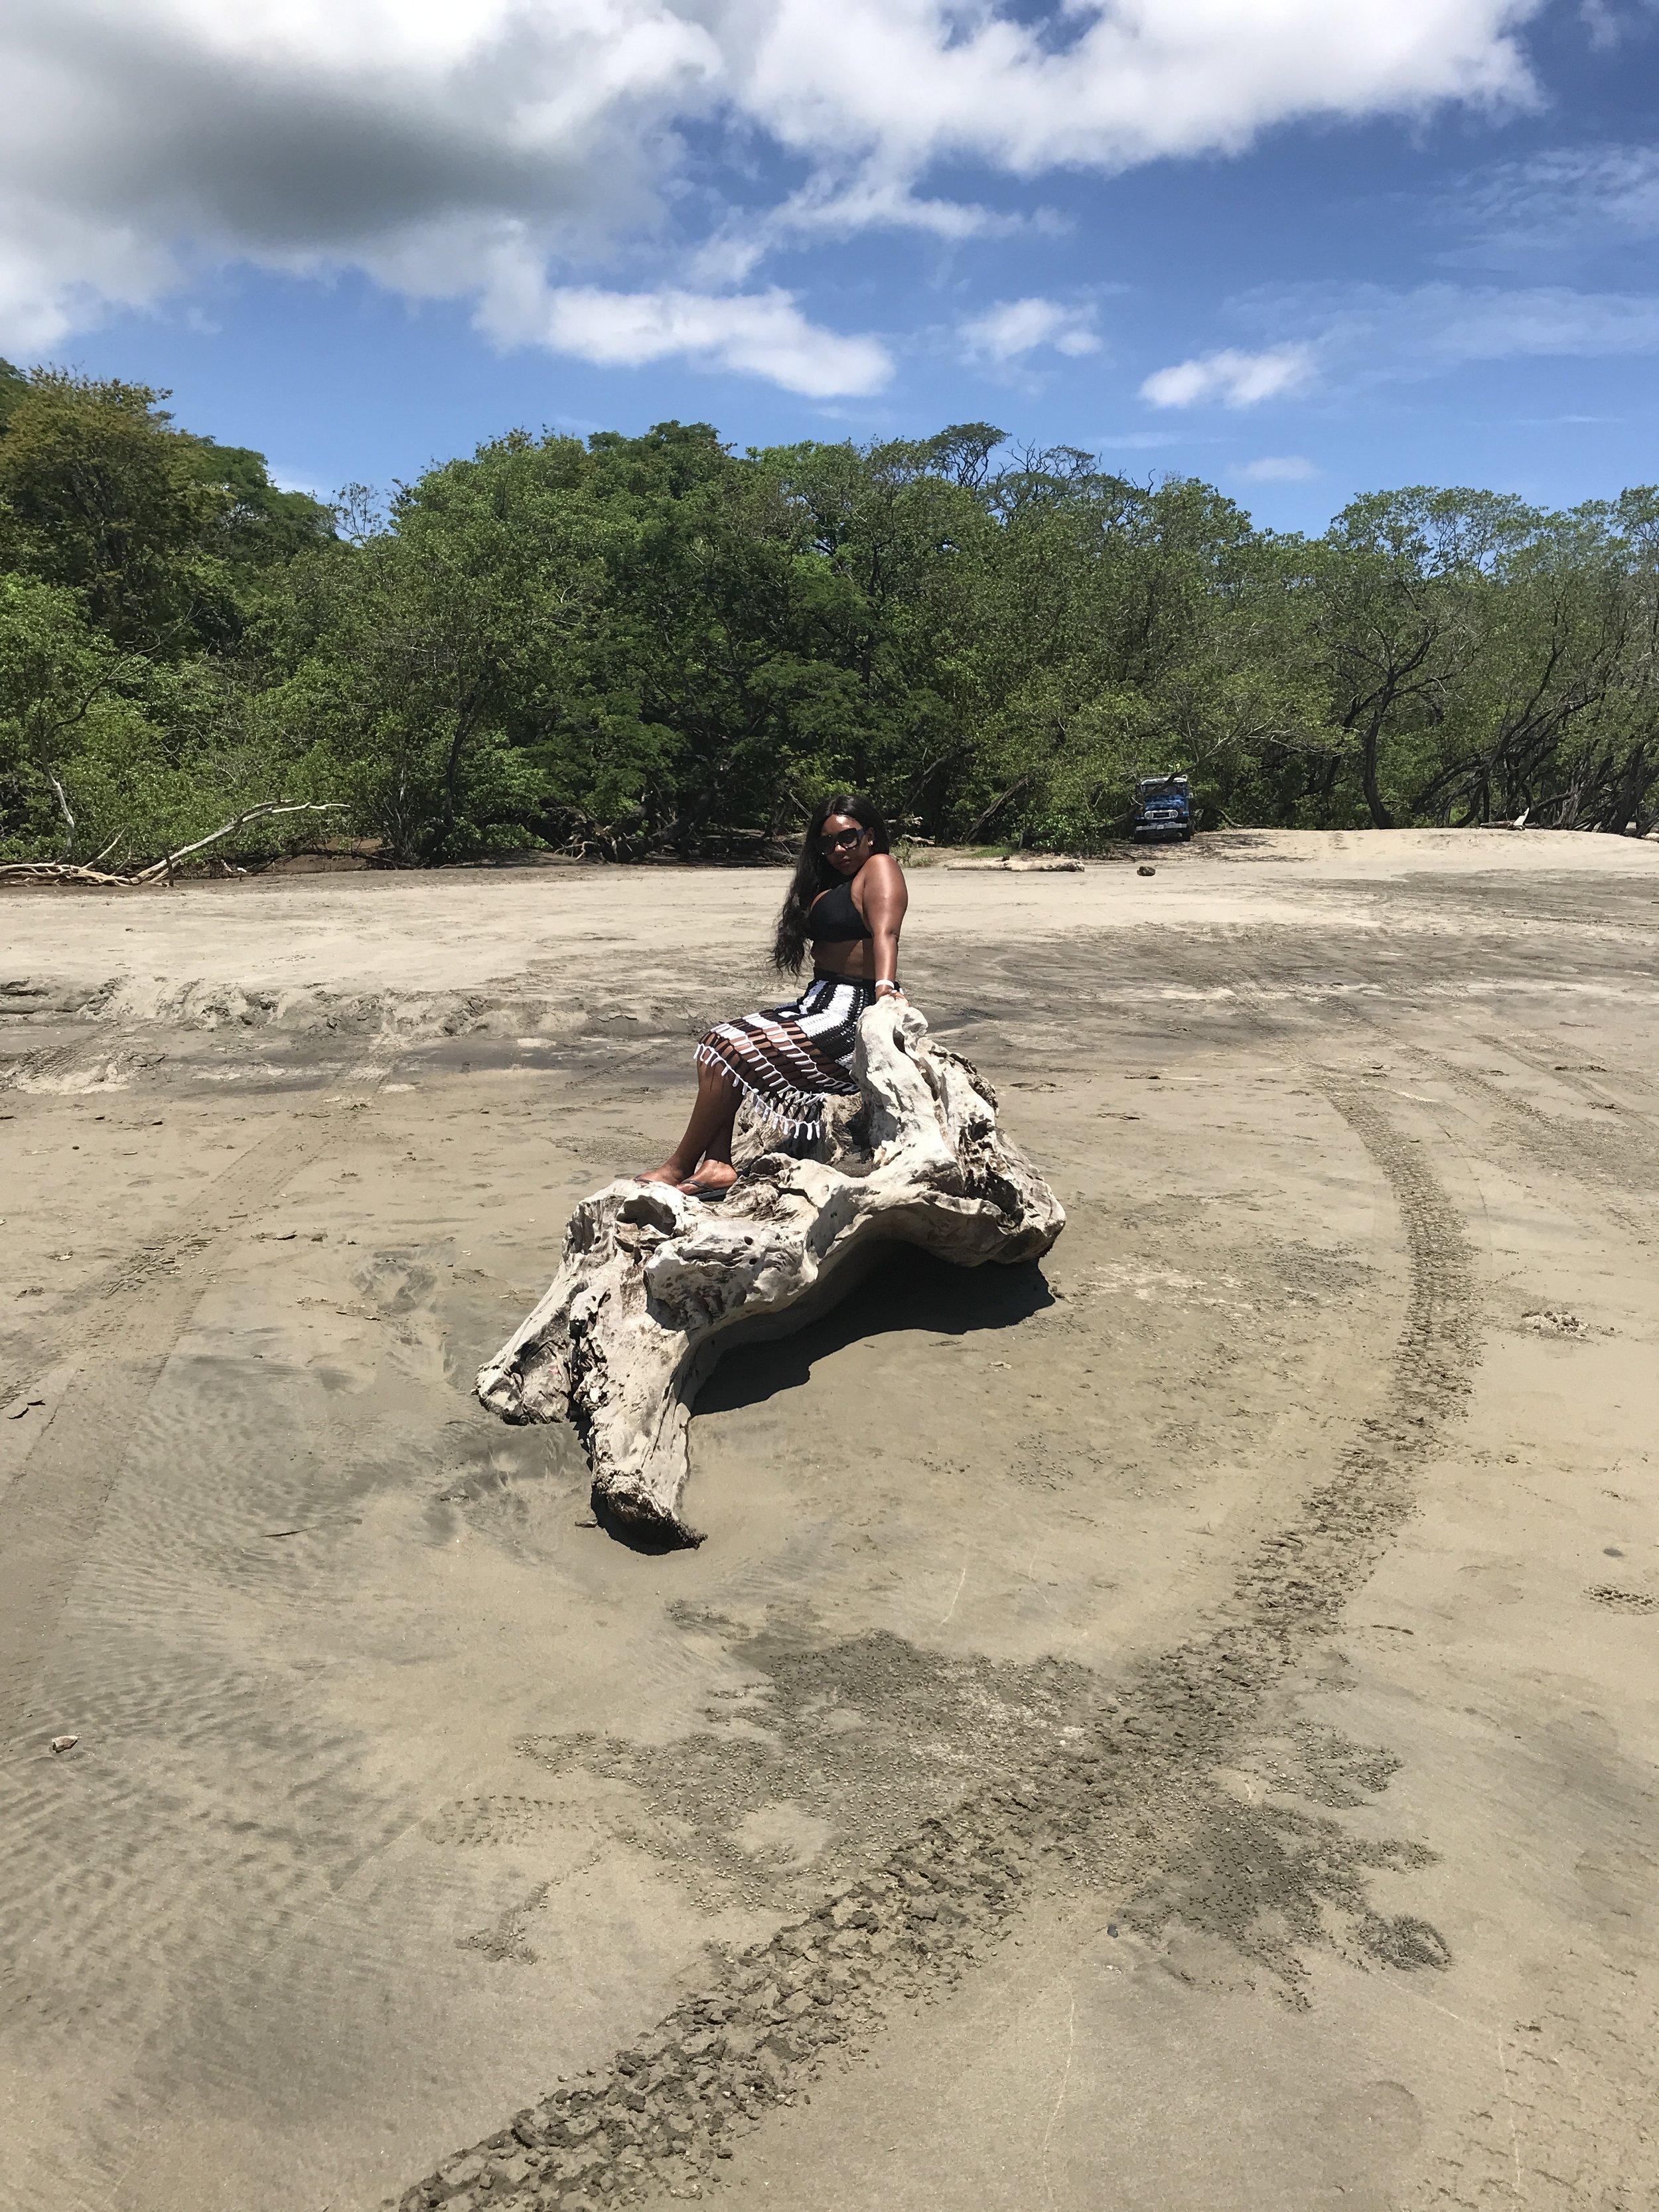 Asia-Milia-Costa-Rica-2018-Recap-2.JPG